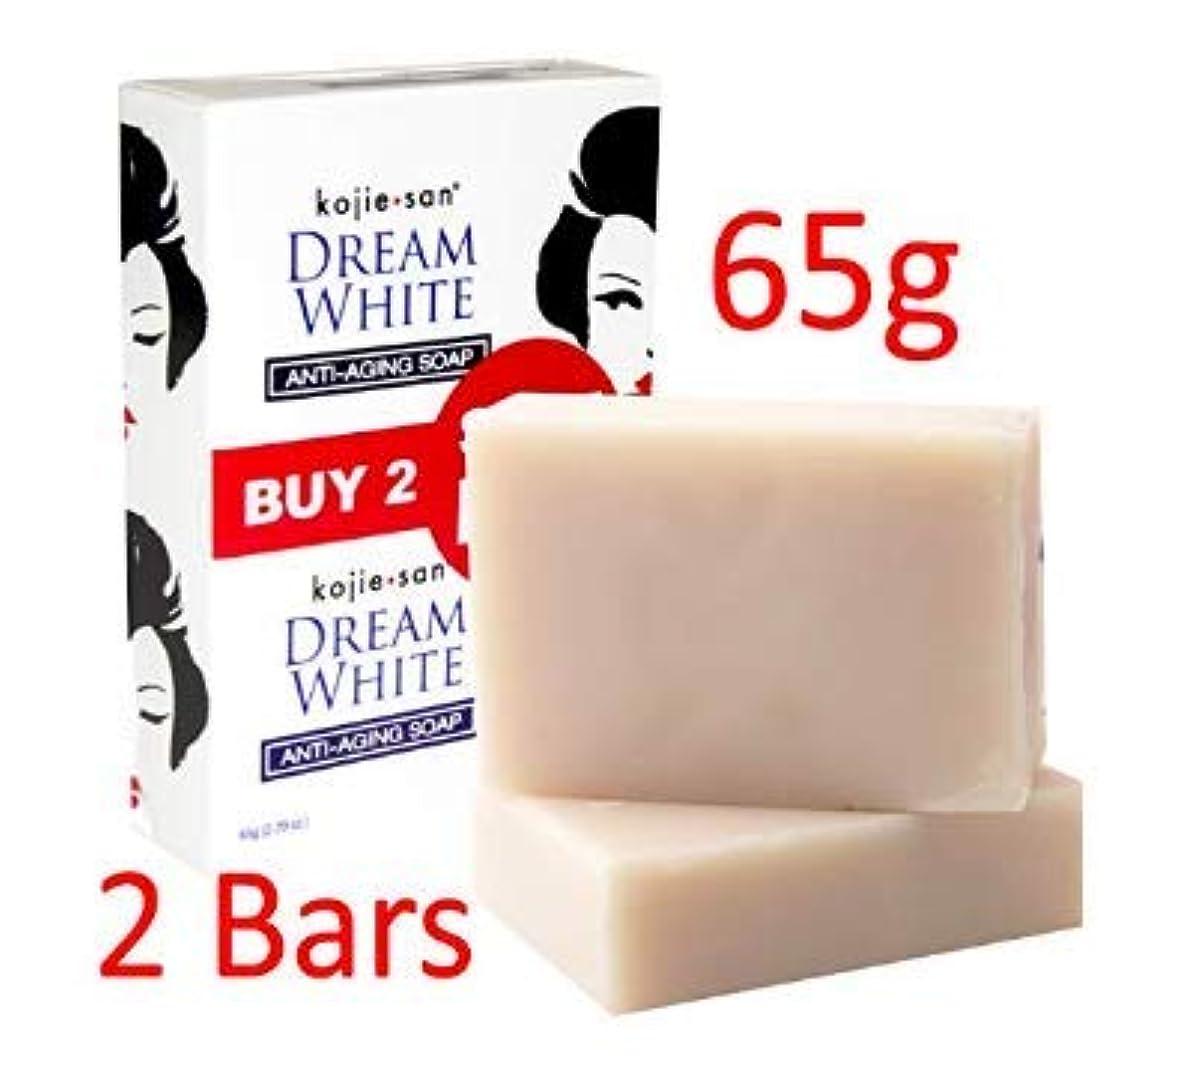 製品才能のあるパシフィックお得な2個パック Kojie san soap Dream White 2pcs こじえさん ドリームホワイト 1個65g [並行輸入品]